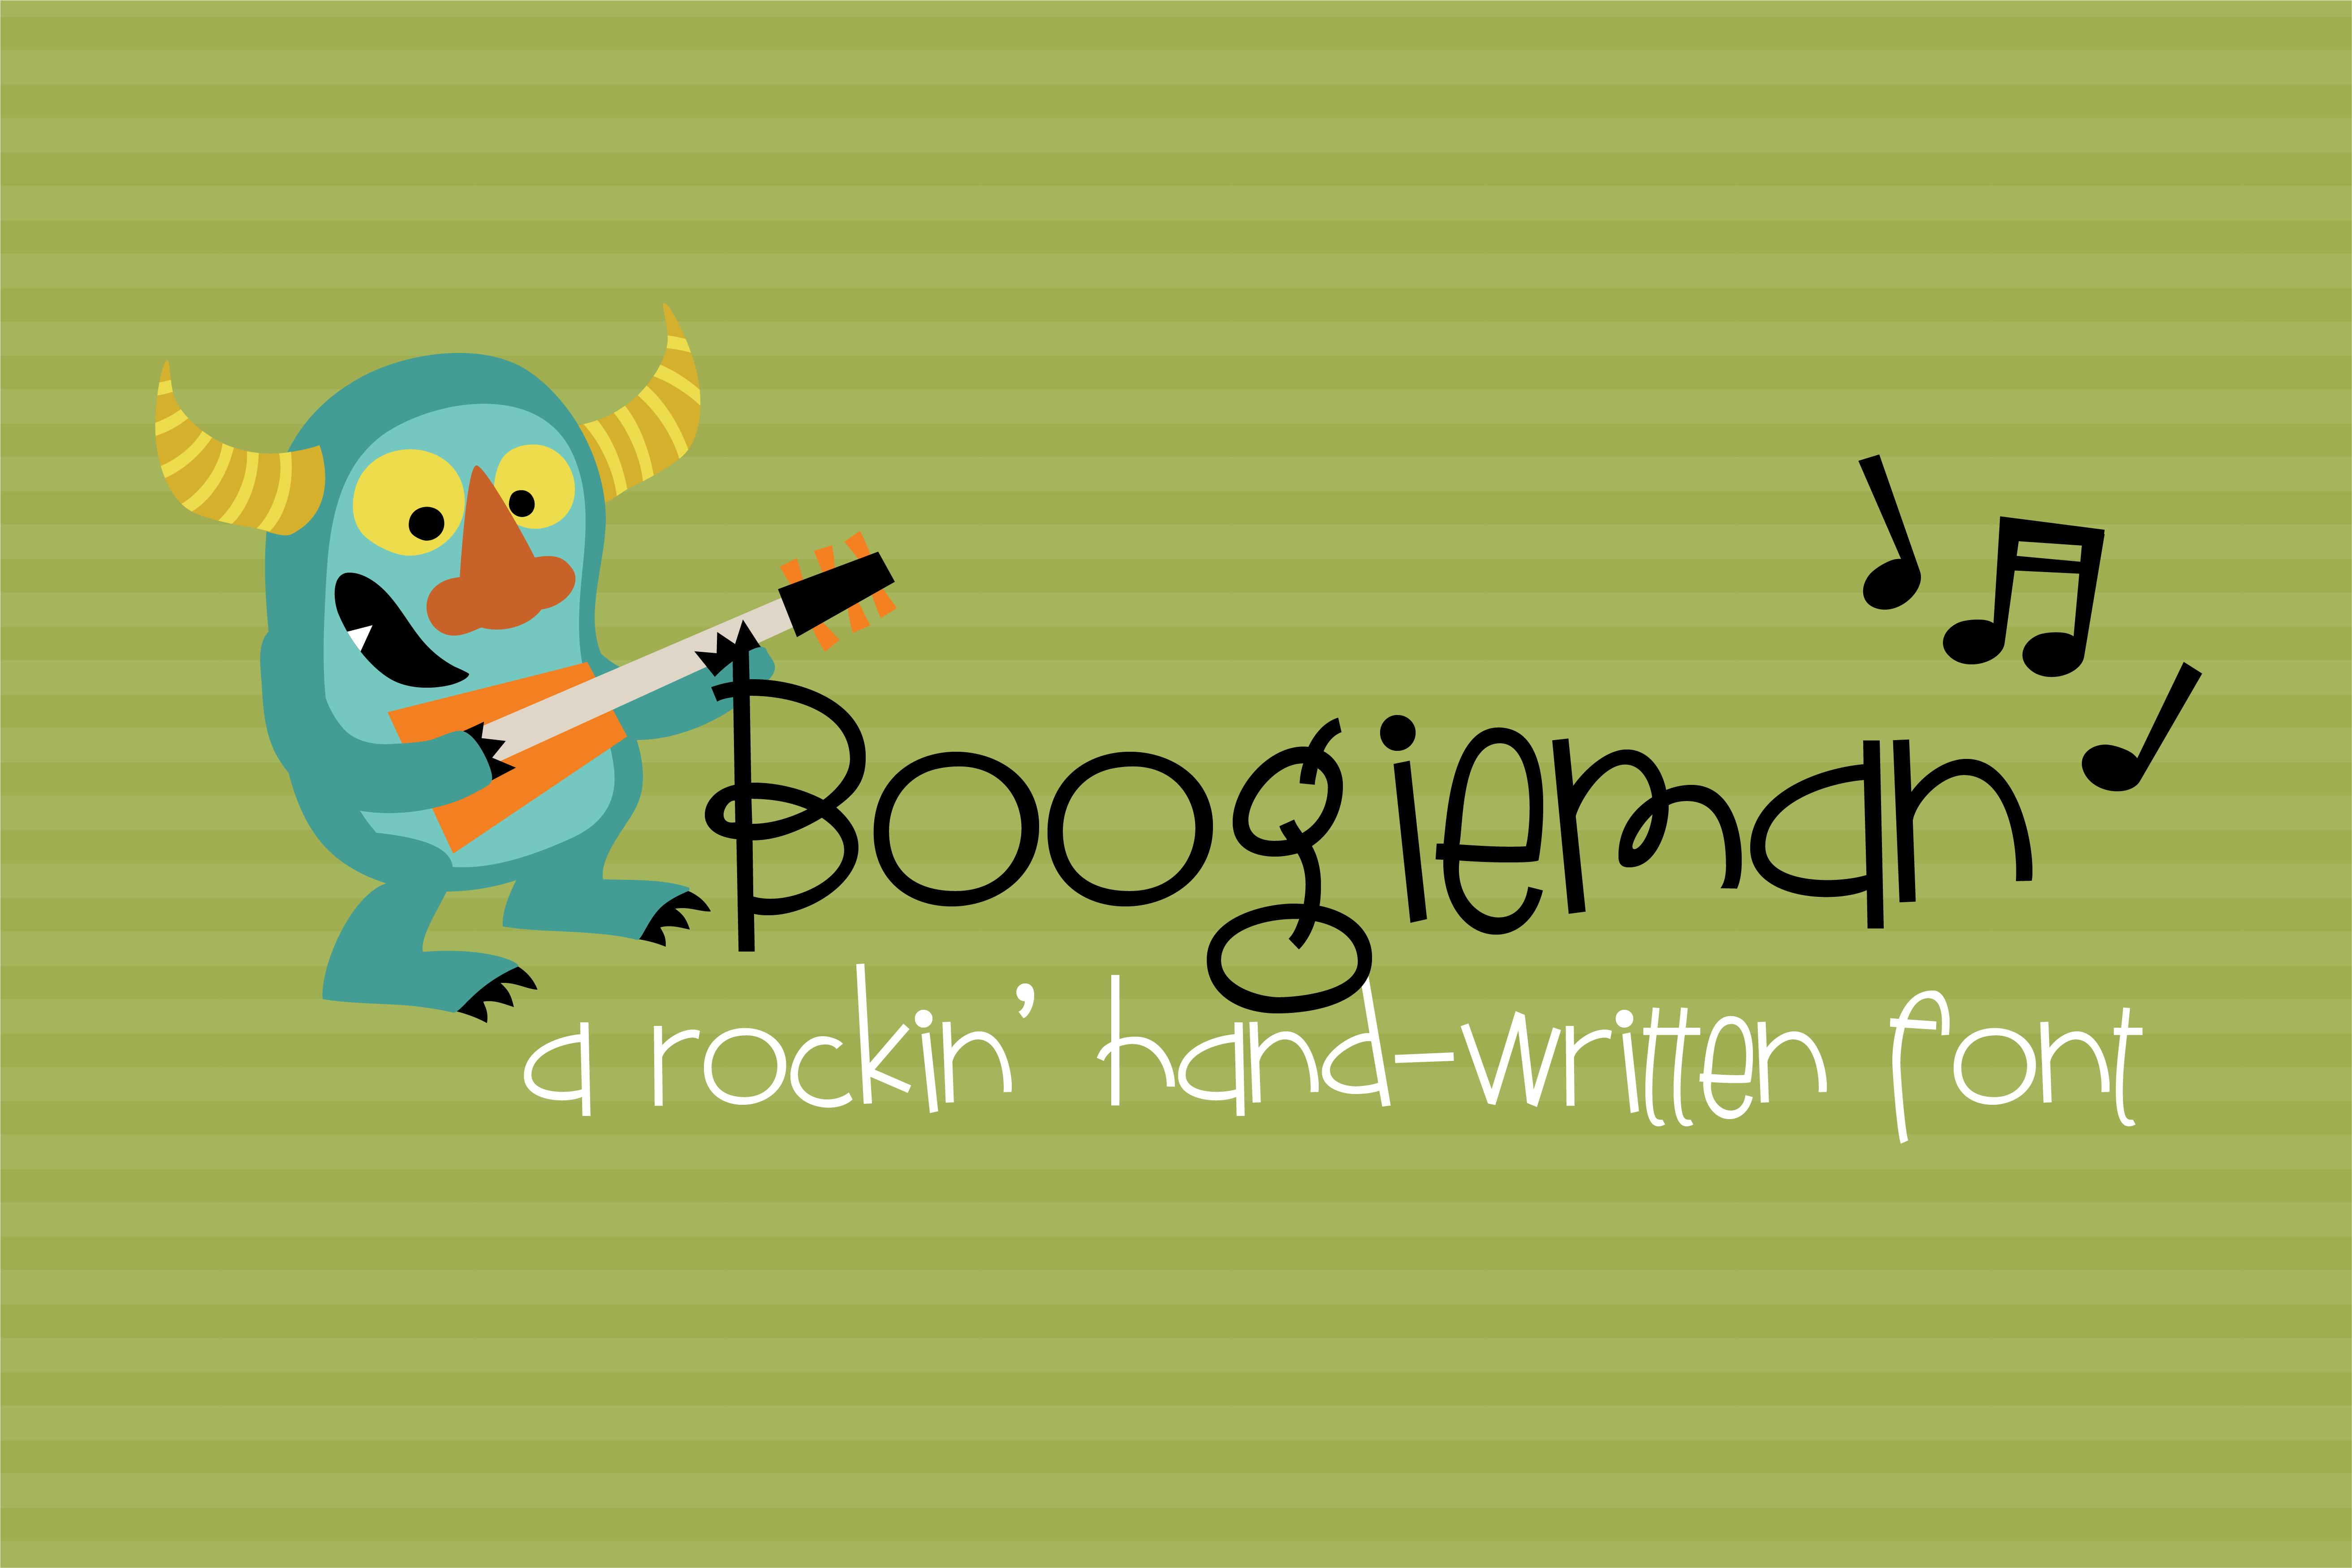 ZP Boogieman example image 1